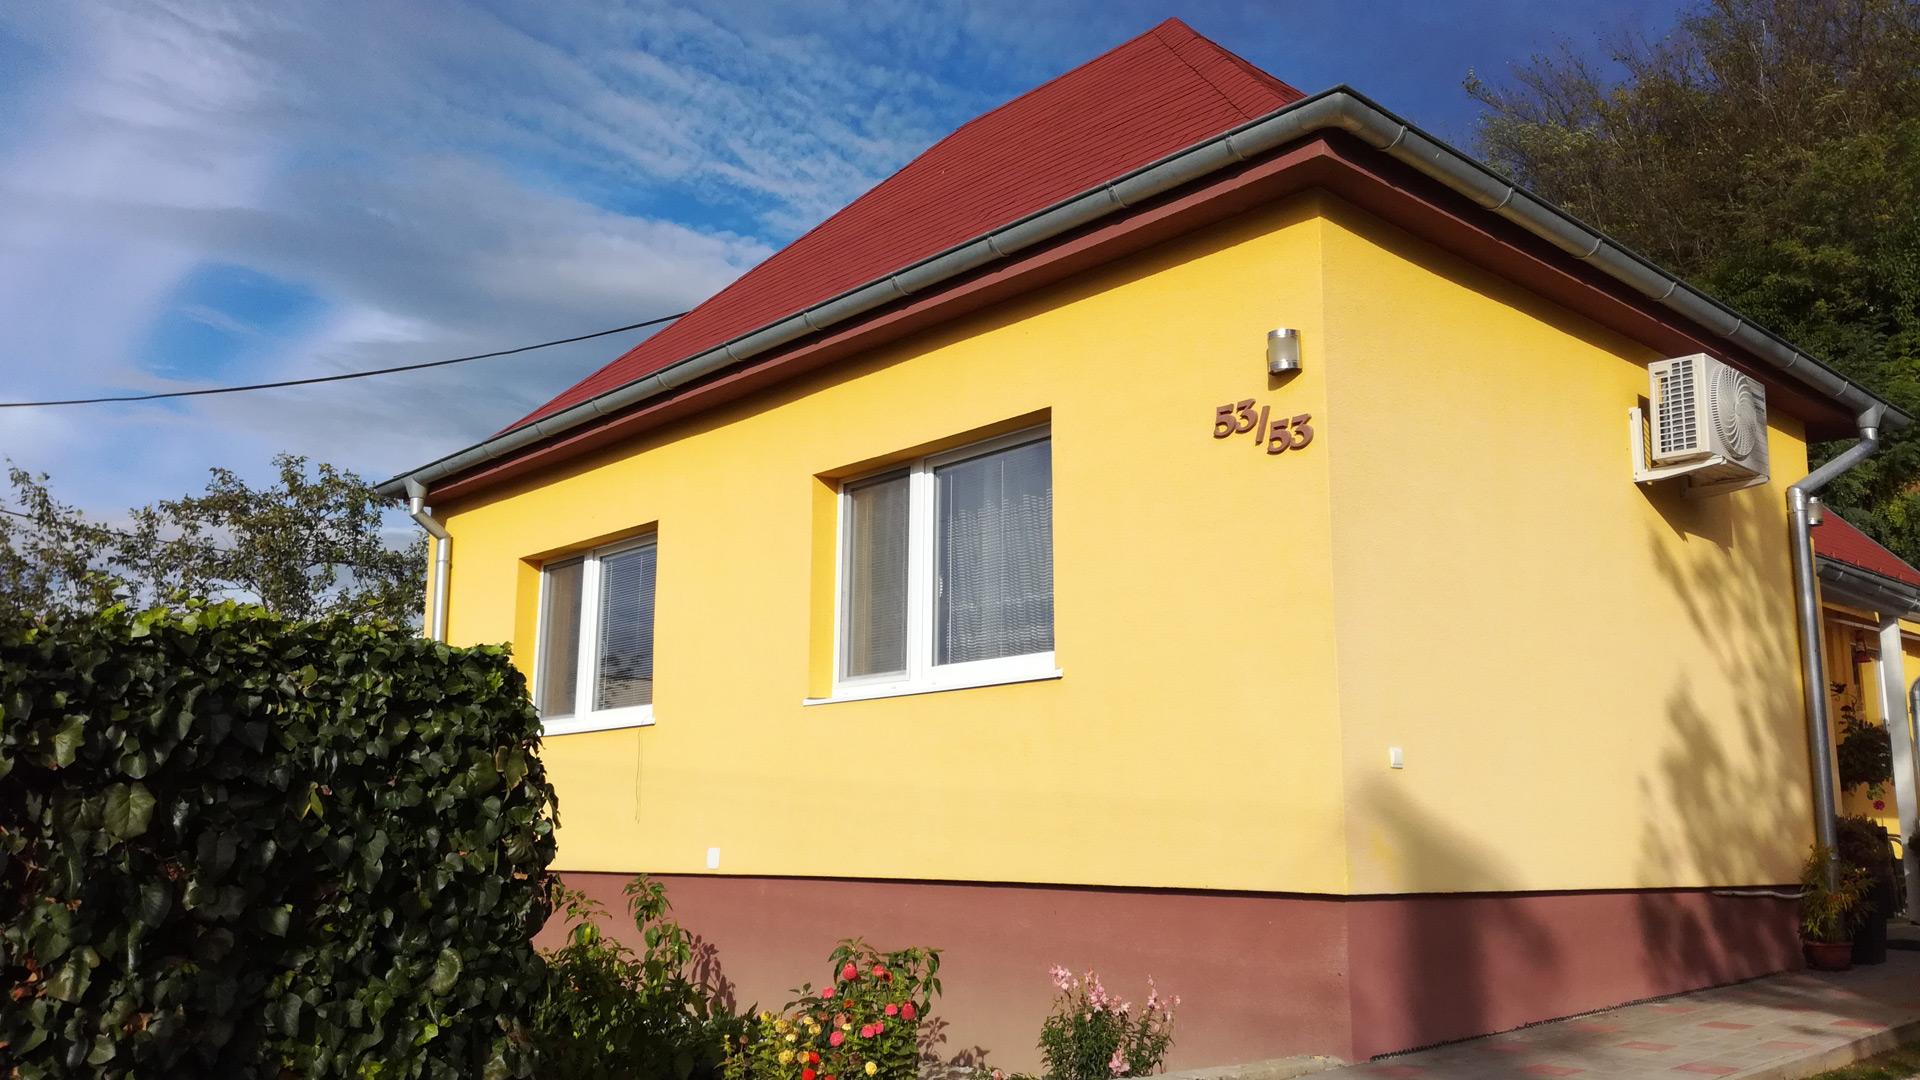 3 izbový rodinný dom, krb, klíma, terasa, garáž, záhradka